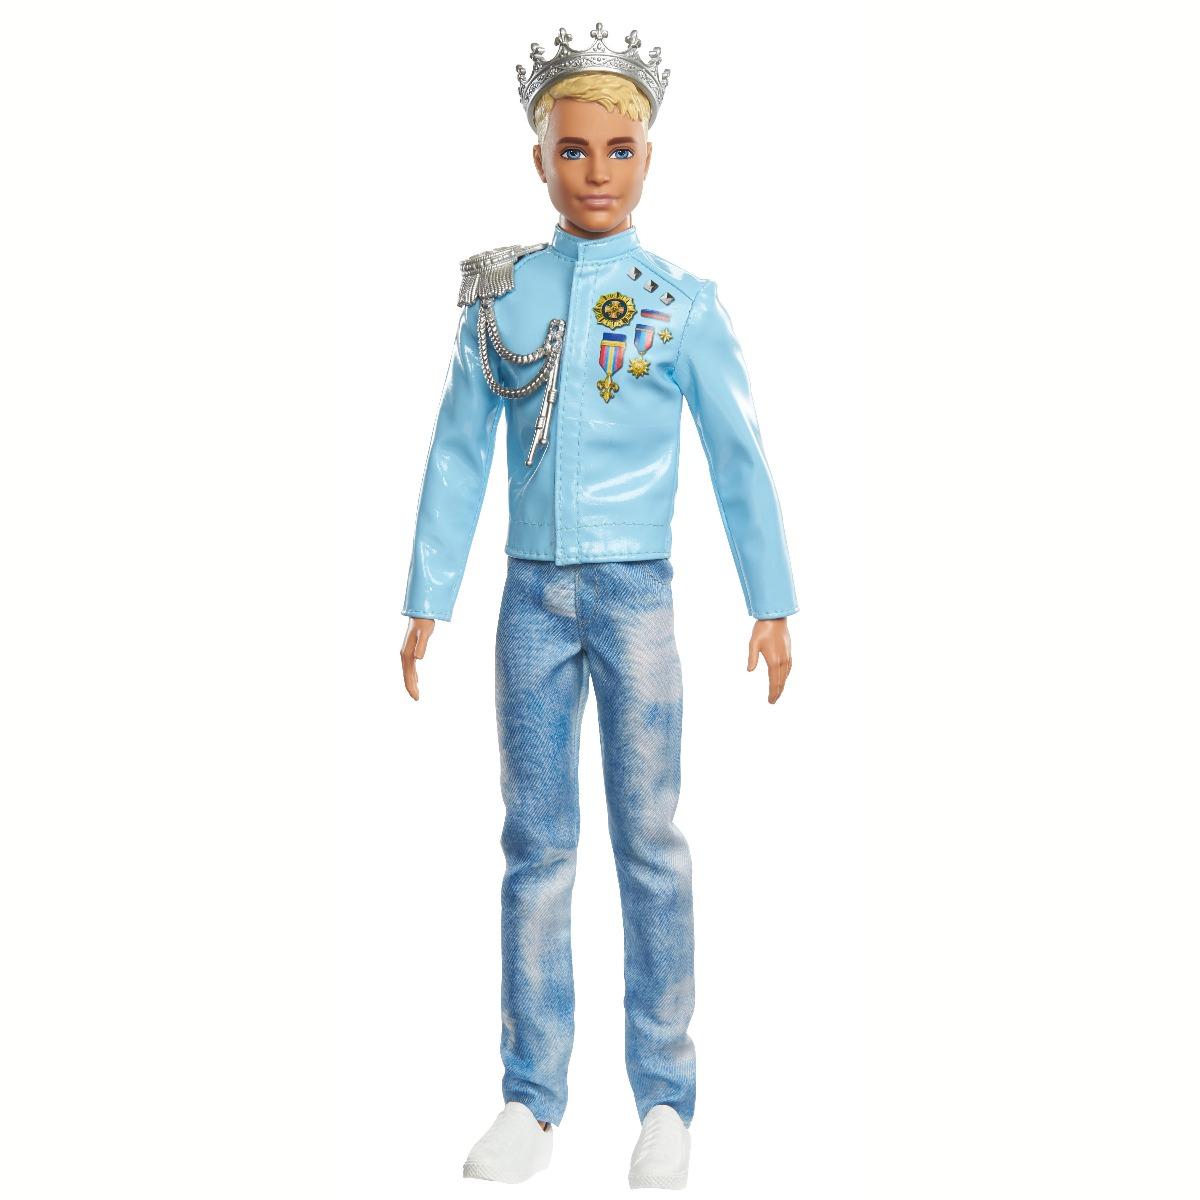 Papusa Barbie Princess Adventure. Printul Ken